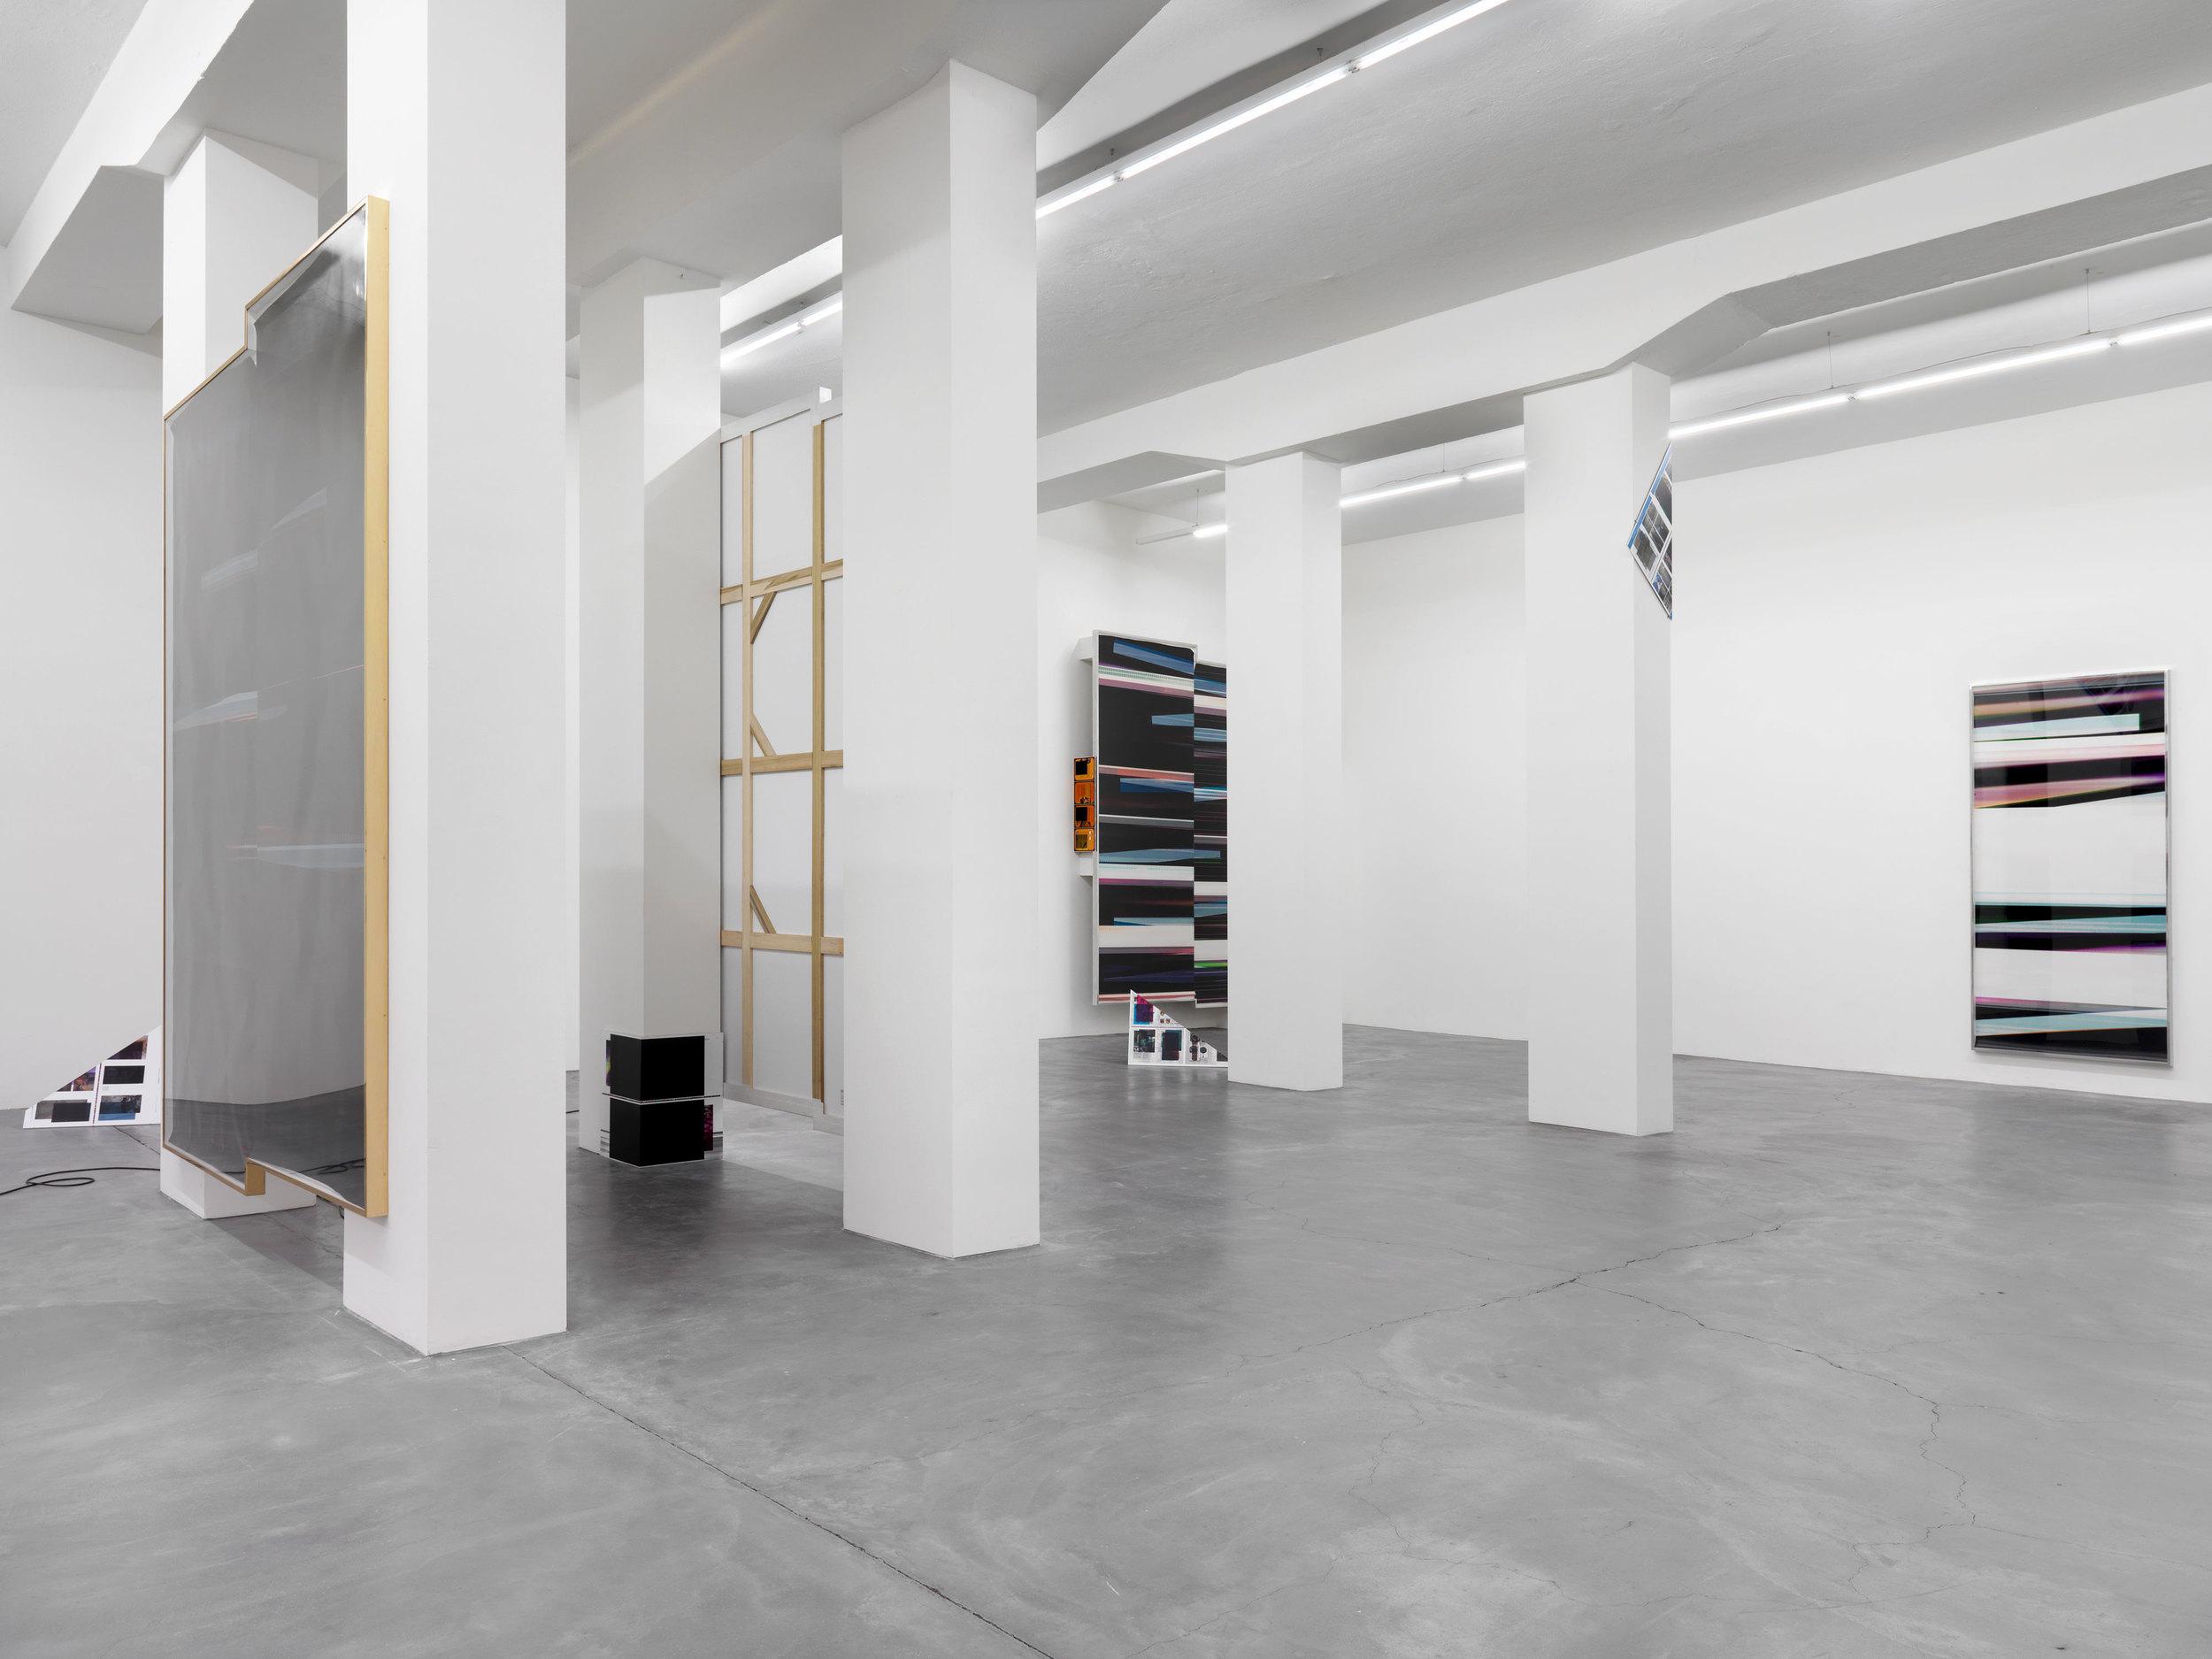 Automat   Galerie Eva Presenhuber  Zurich  Switzerland  2016